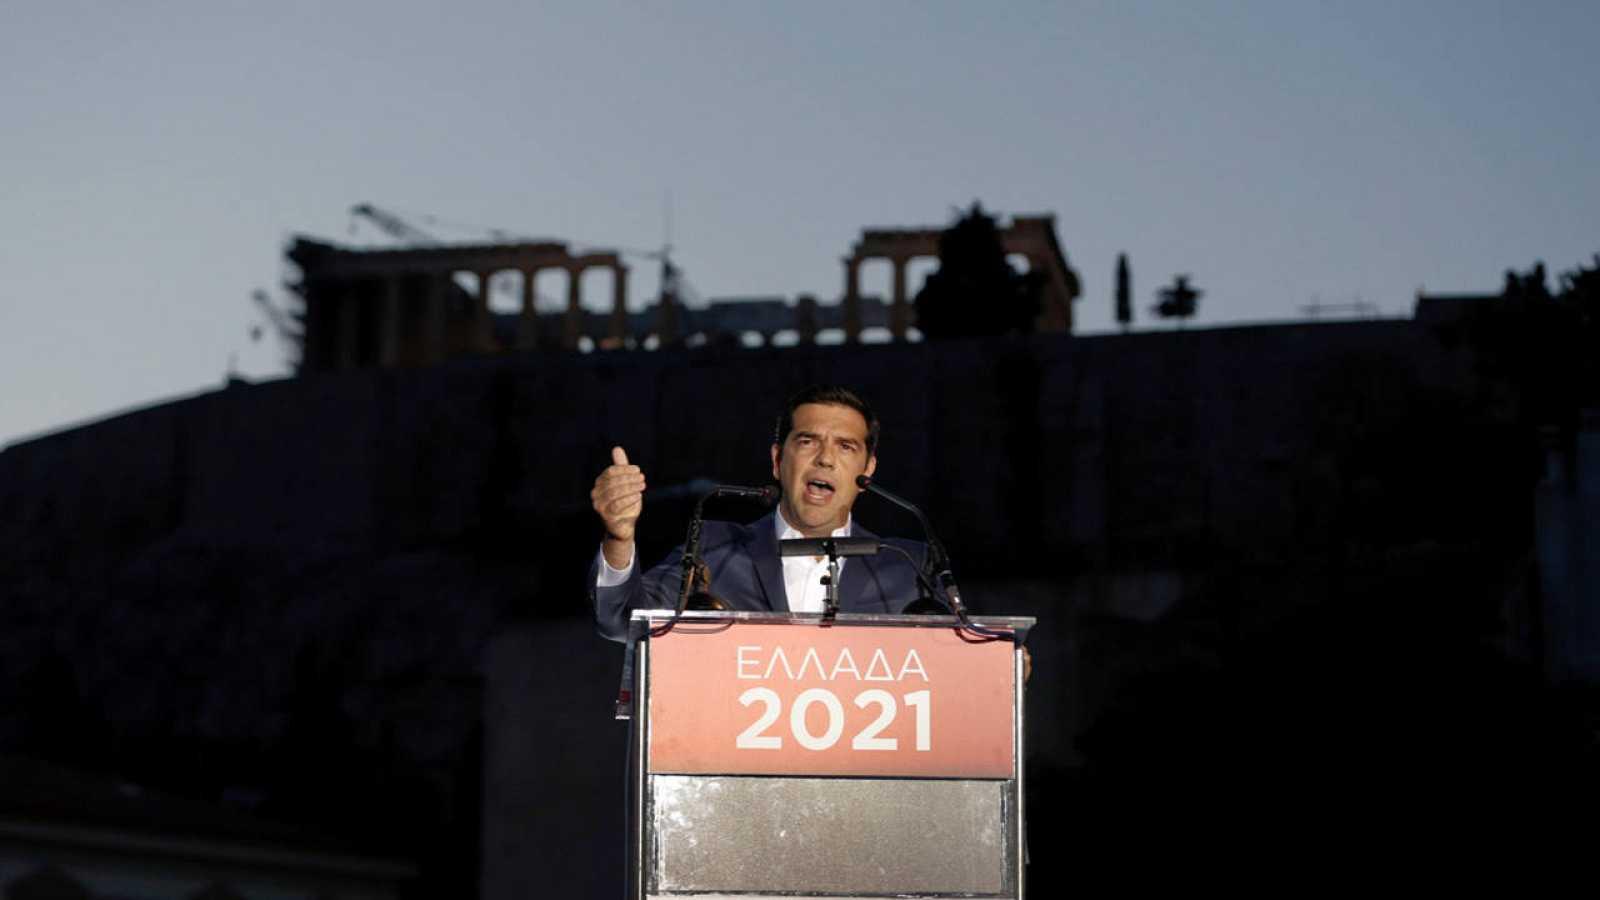 El primer ministro de Grecia, Alexis Tsipras, en un discurso simbólico desde la Acrópolis de Atenas